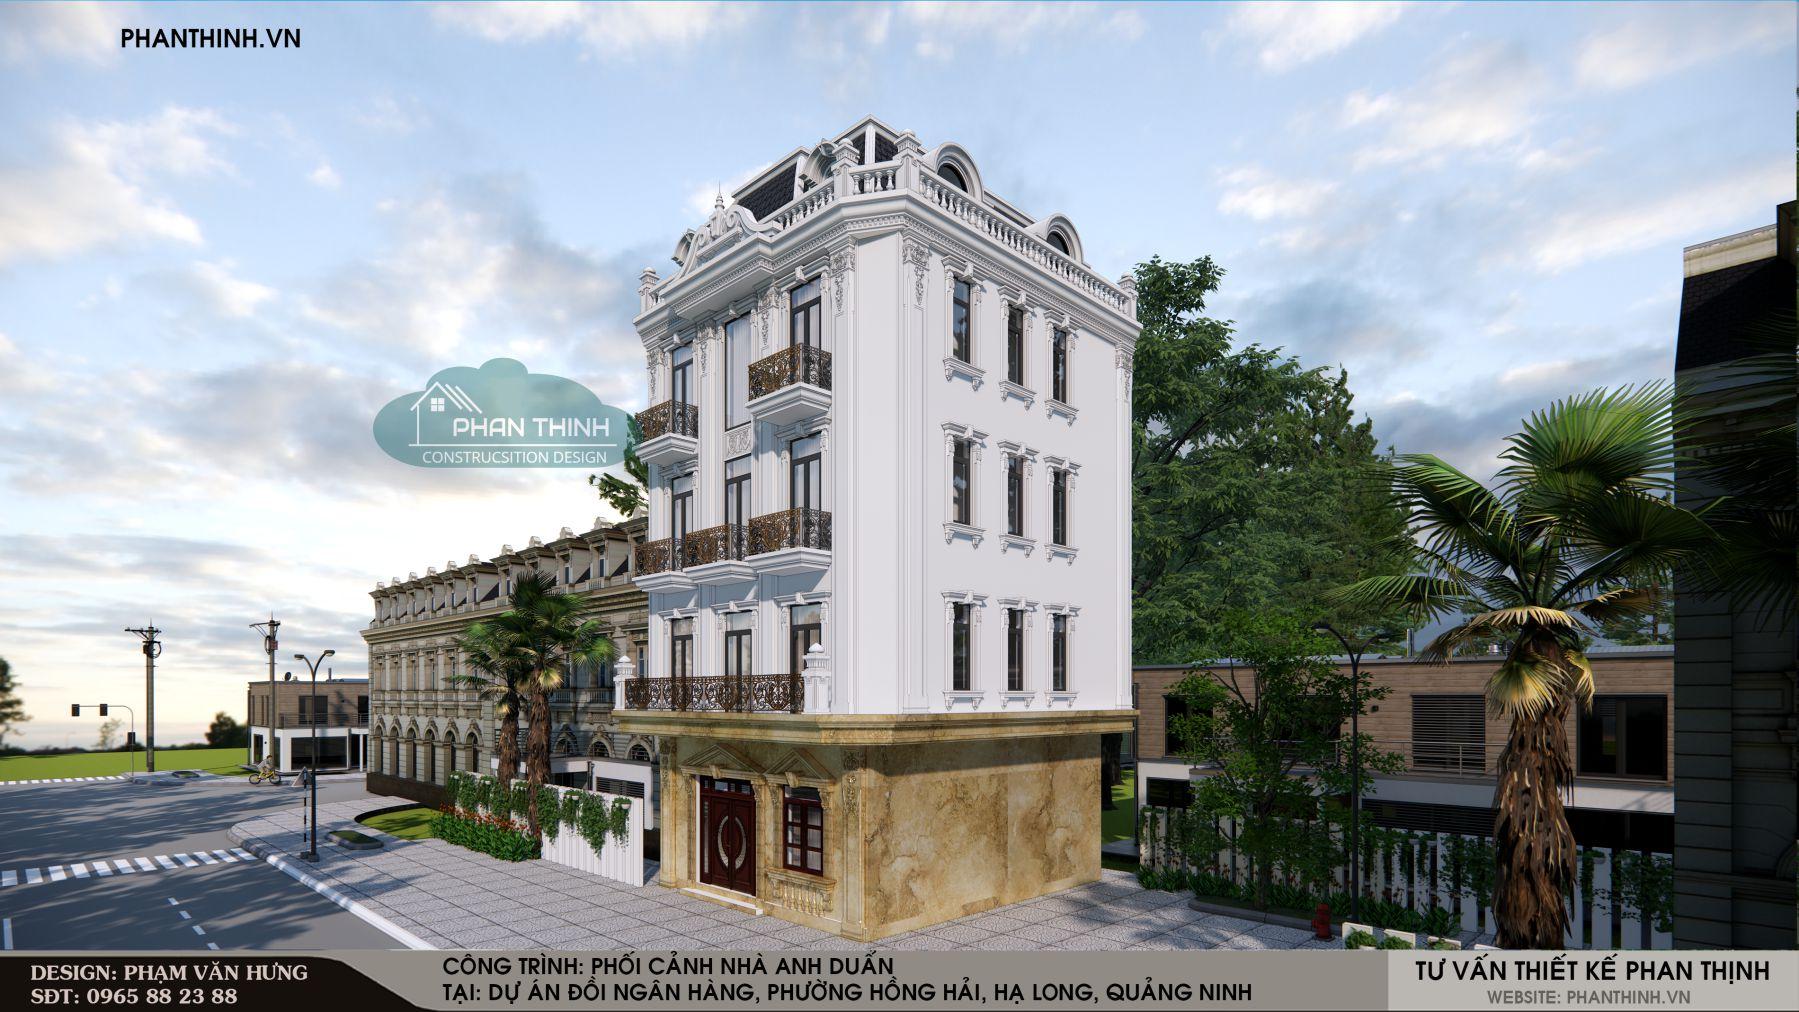 Phối cảnh thiết kế nhà tân cổ điển 5 tầng ở Quảng Ninh